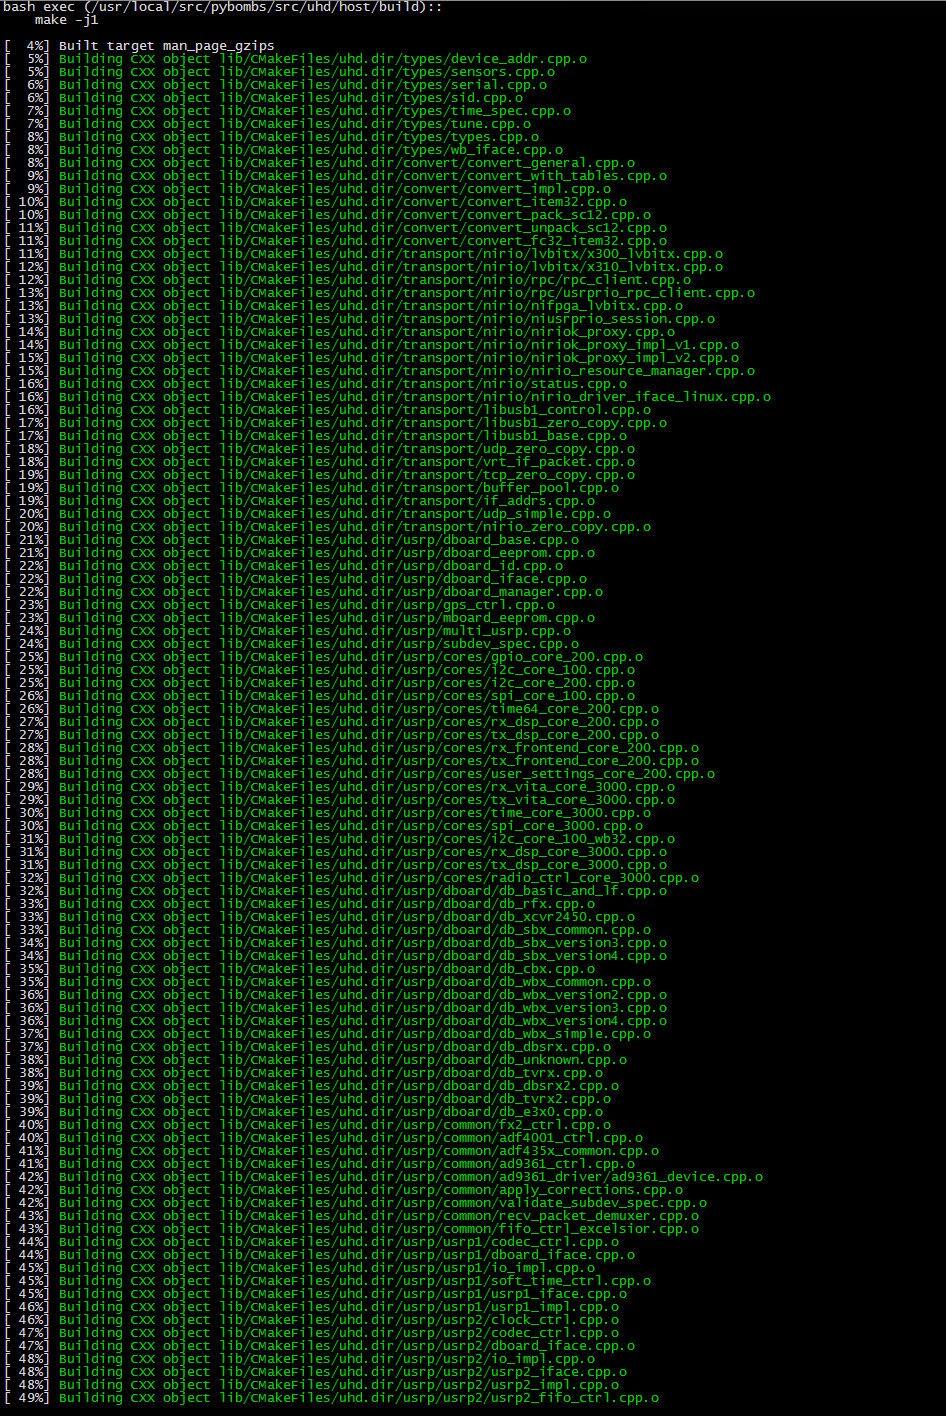 WW1L: Working on Beaglebone Black, HackRF, GNURADIO + Ubuntu